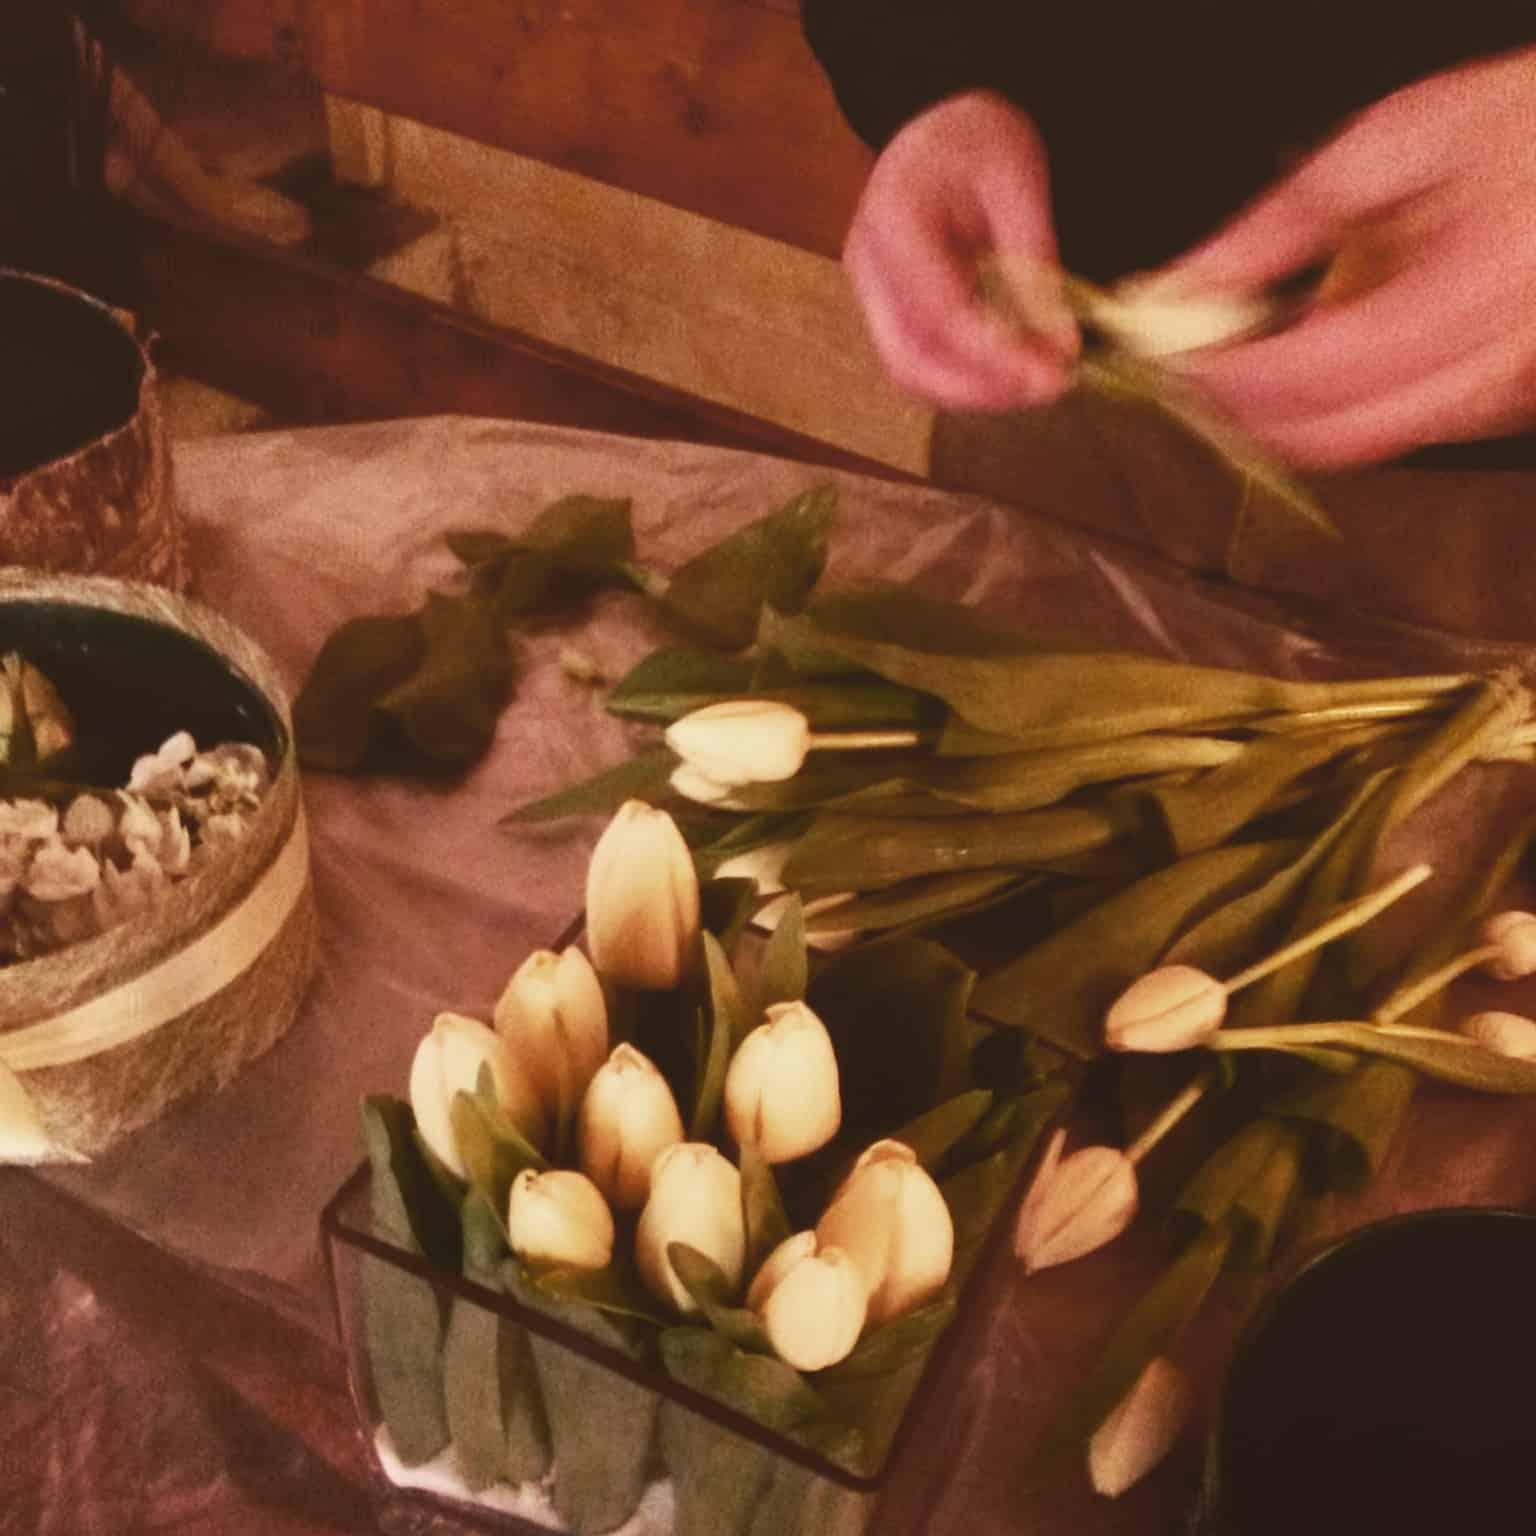 Creazione di un centro tavola con tulipani.